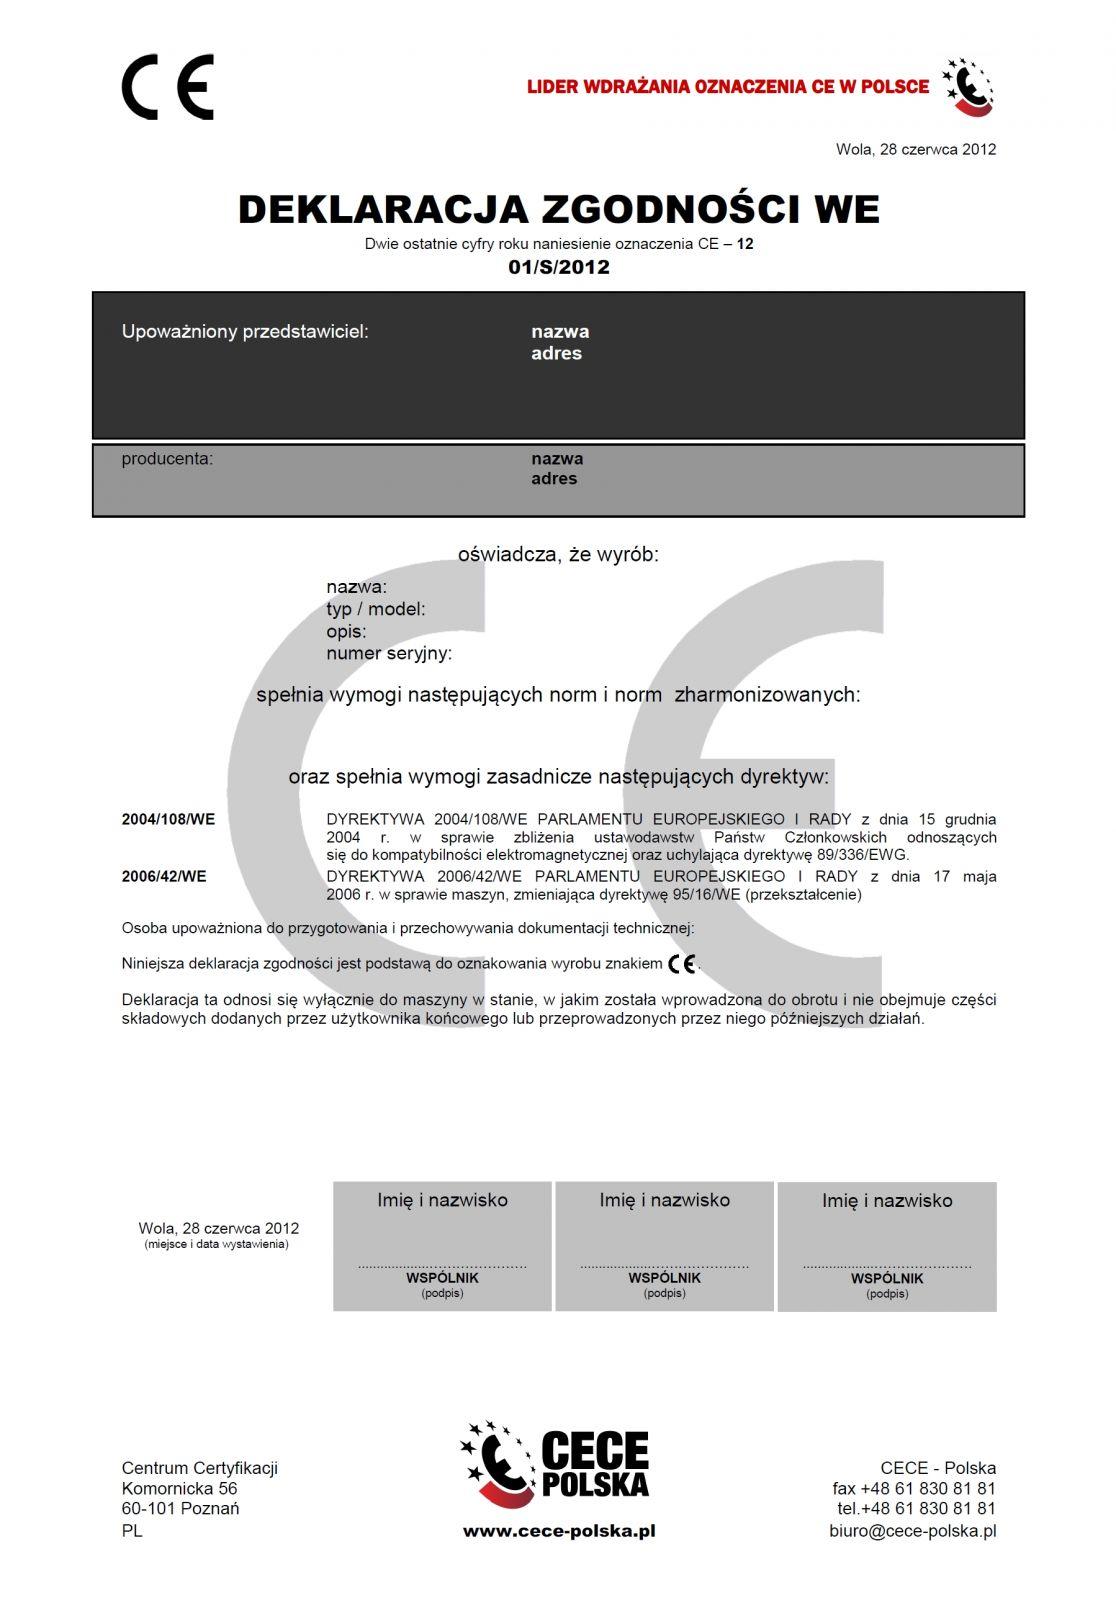 Deklaracja zgodności WE (niepoprawnie nazywana certyfikatem CE)